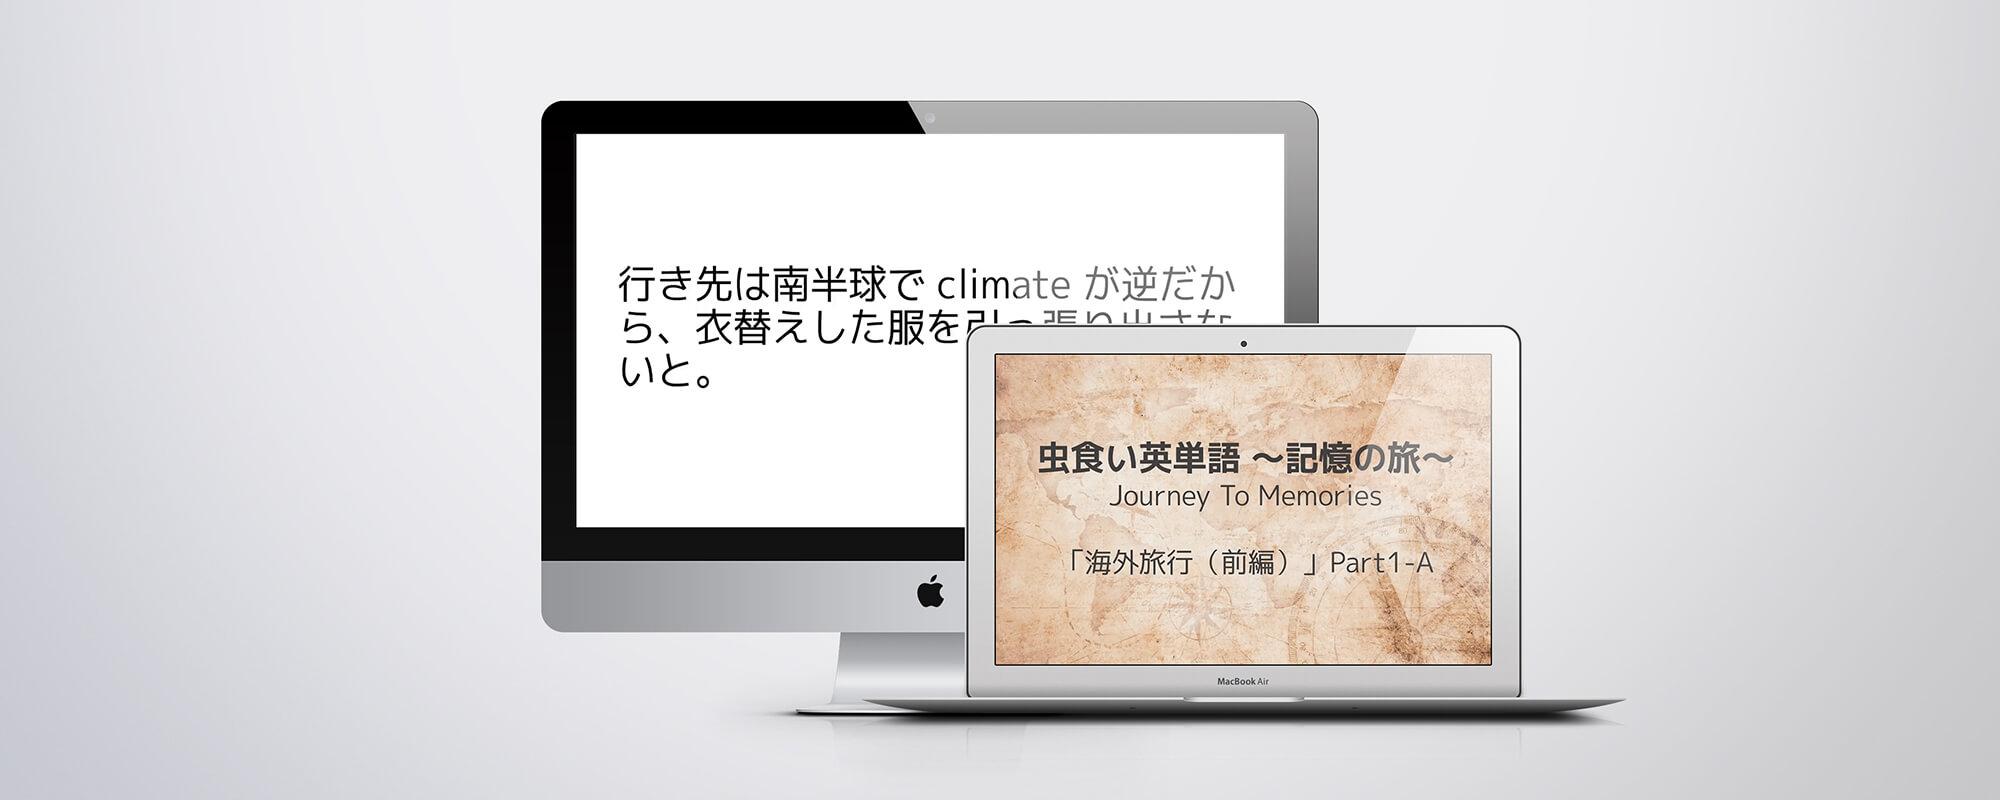 虫食い英単語 〜記憶の旅〜